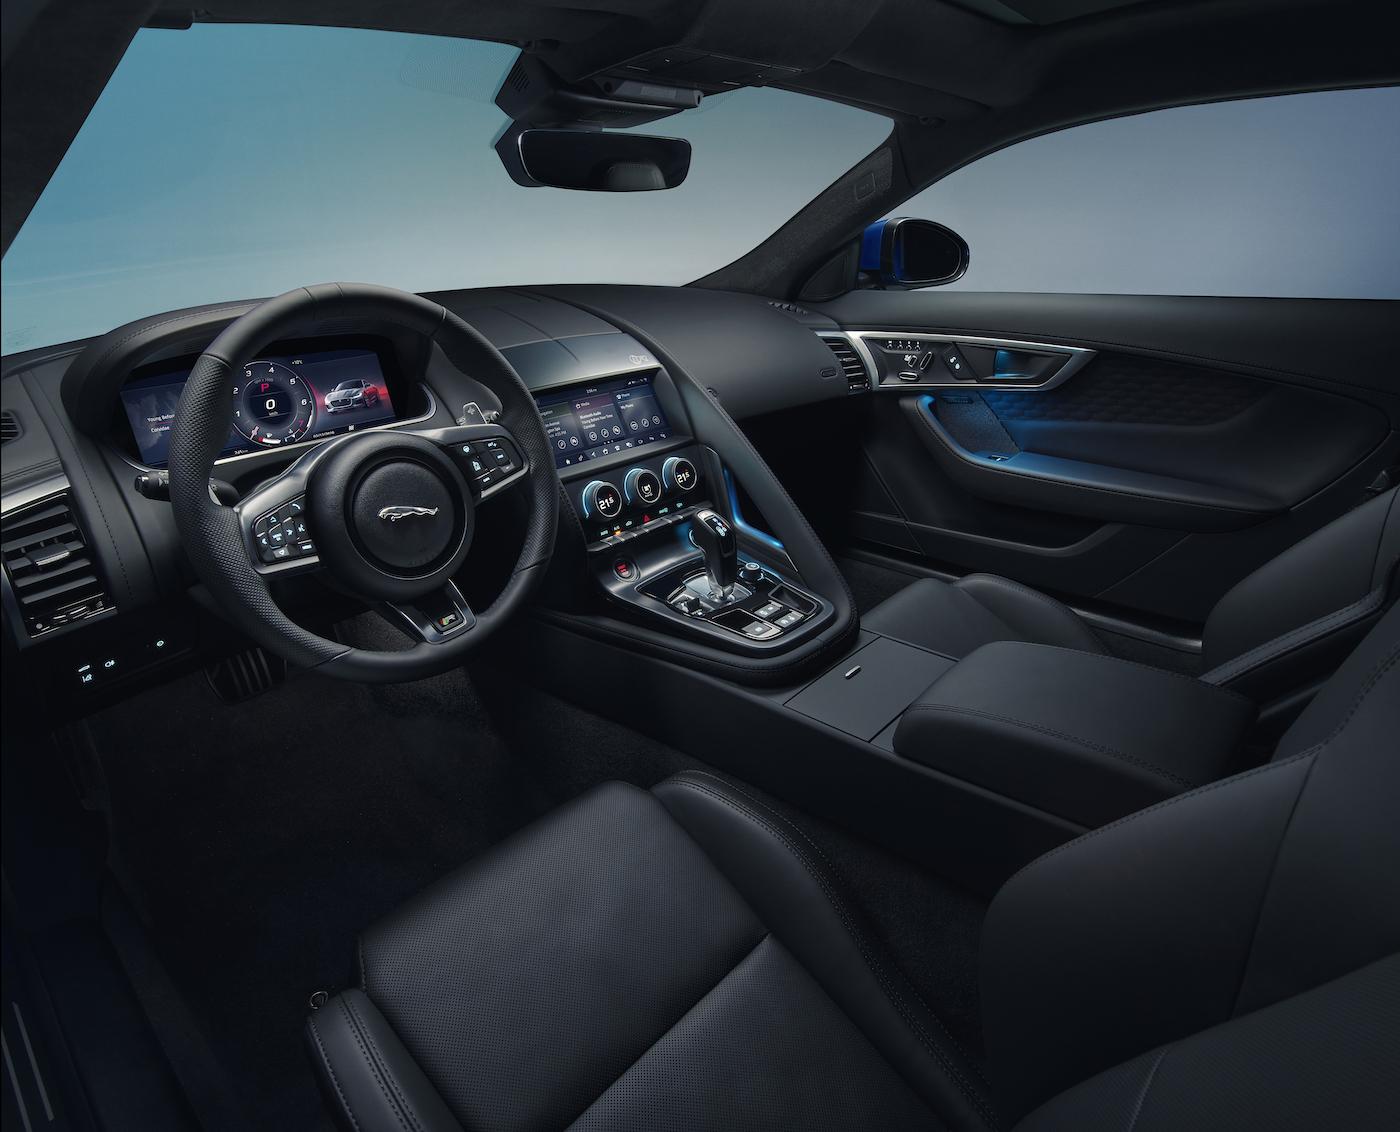 Weltpremiere: Der neue Jaguar F-TYPE wurde in München vorgestellt 3